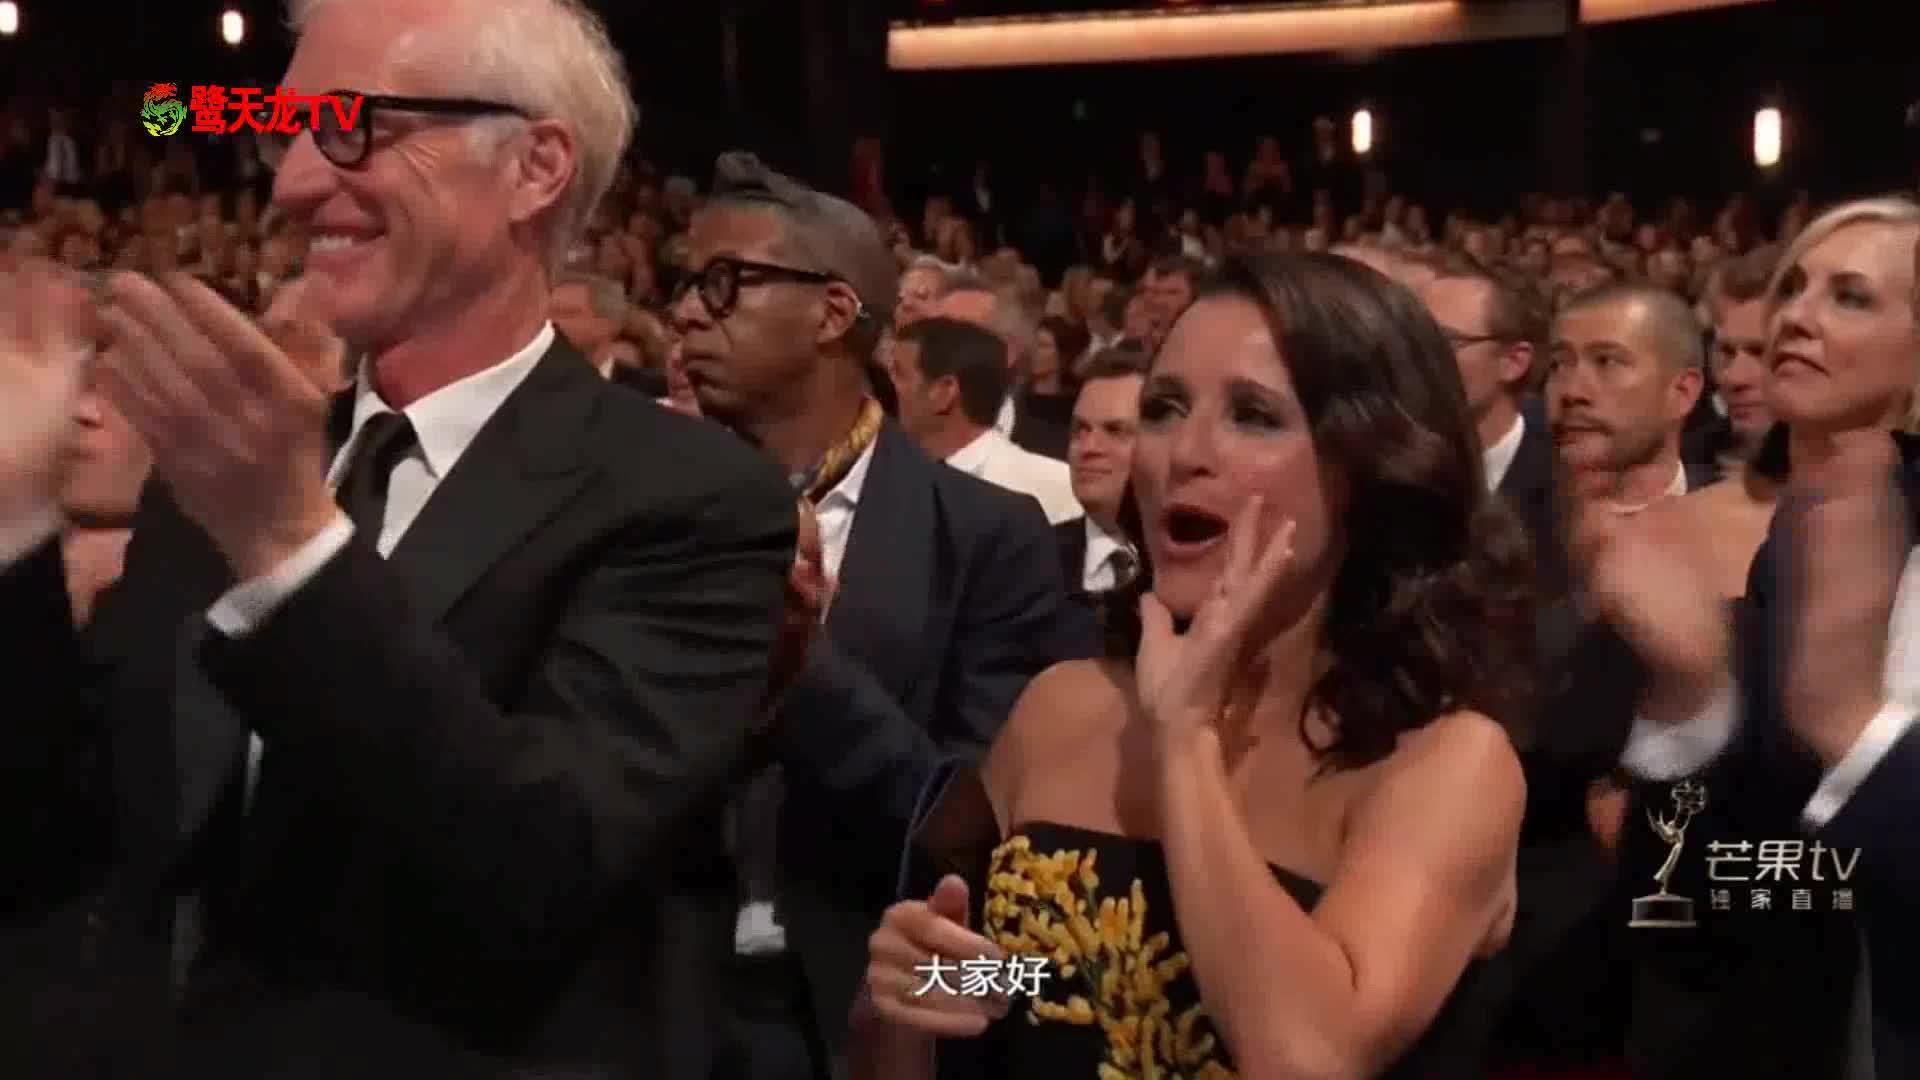 艾美奖颁奖典礼:电视电影最佳男配角获奖者《大小谎言》